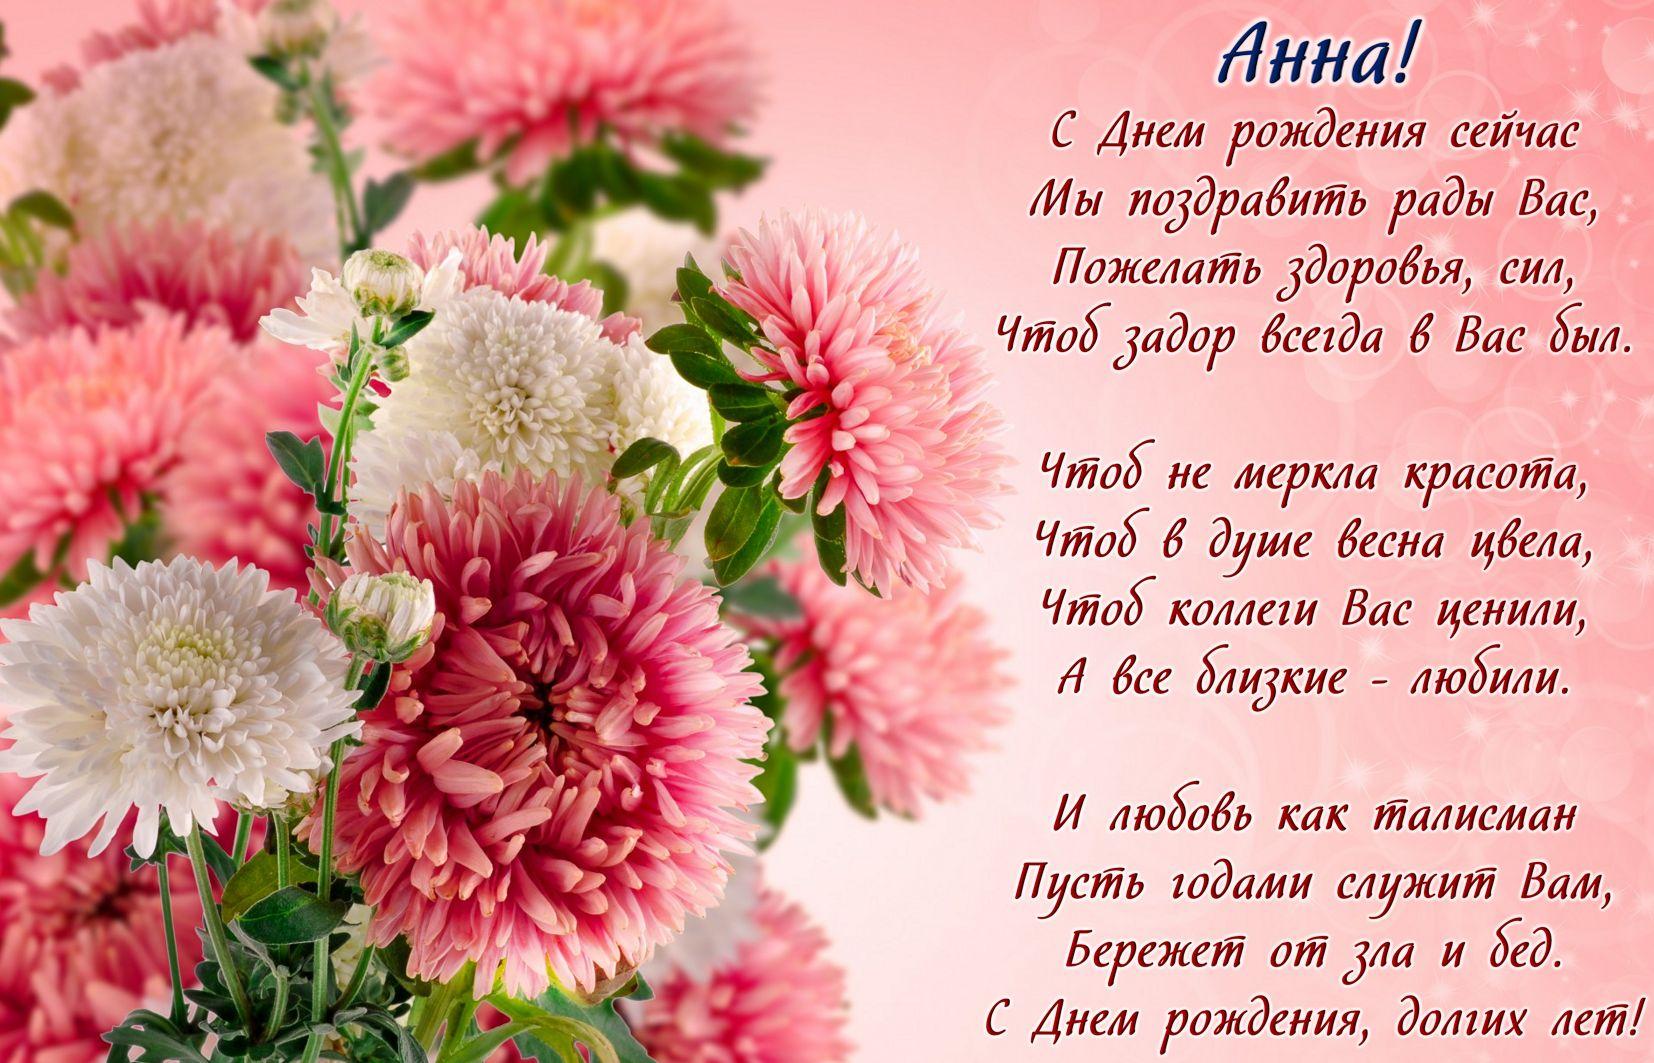 Красивое пожелание на фоне ярких цветов